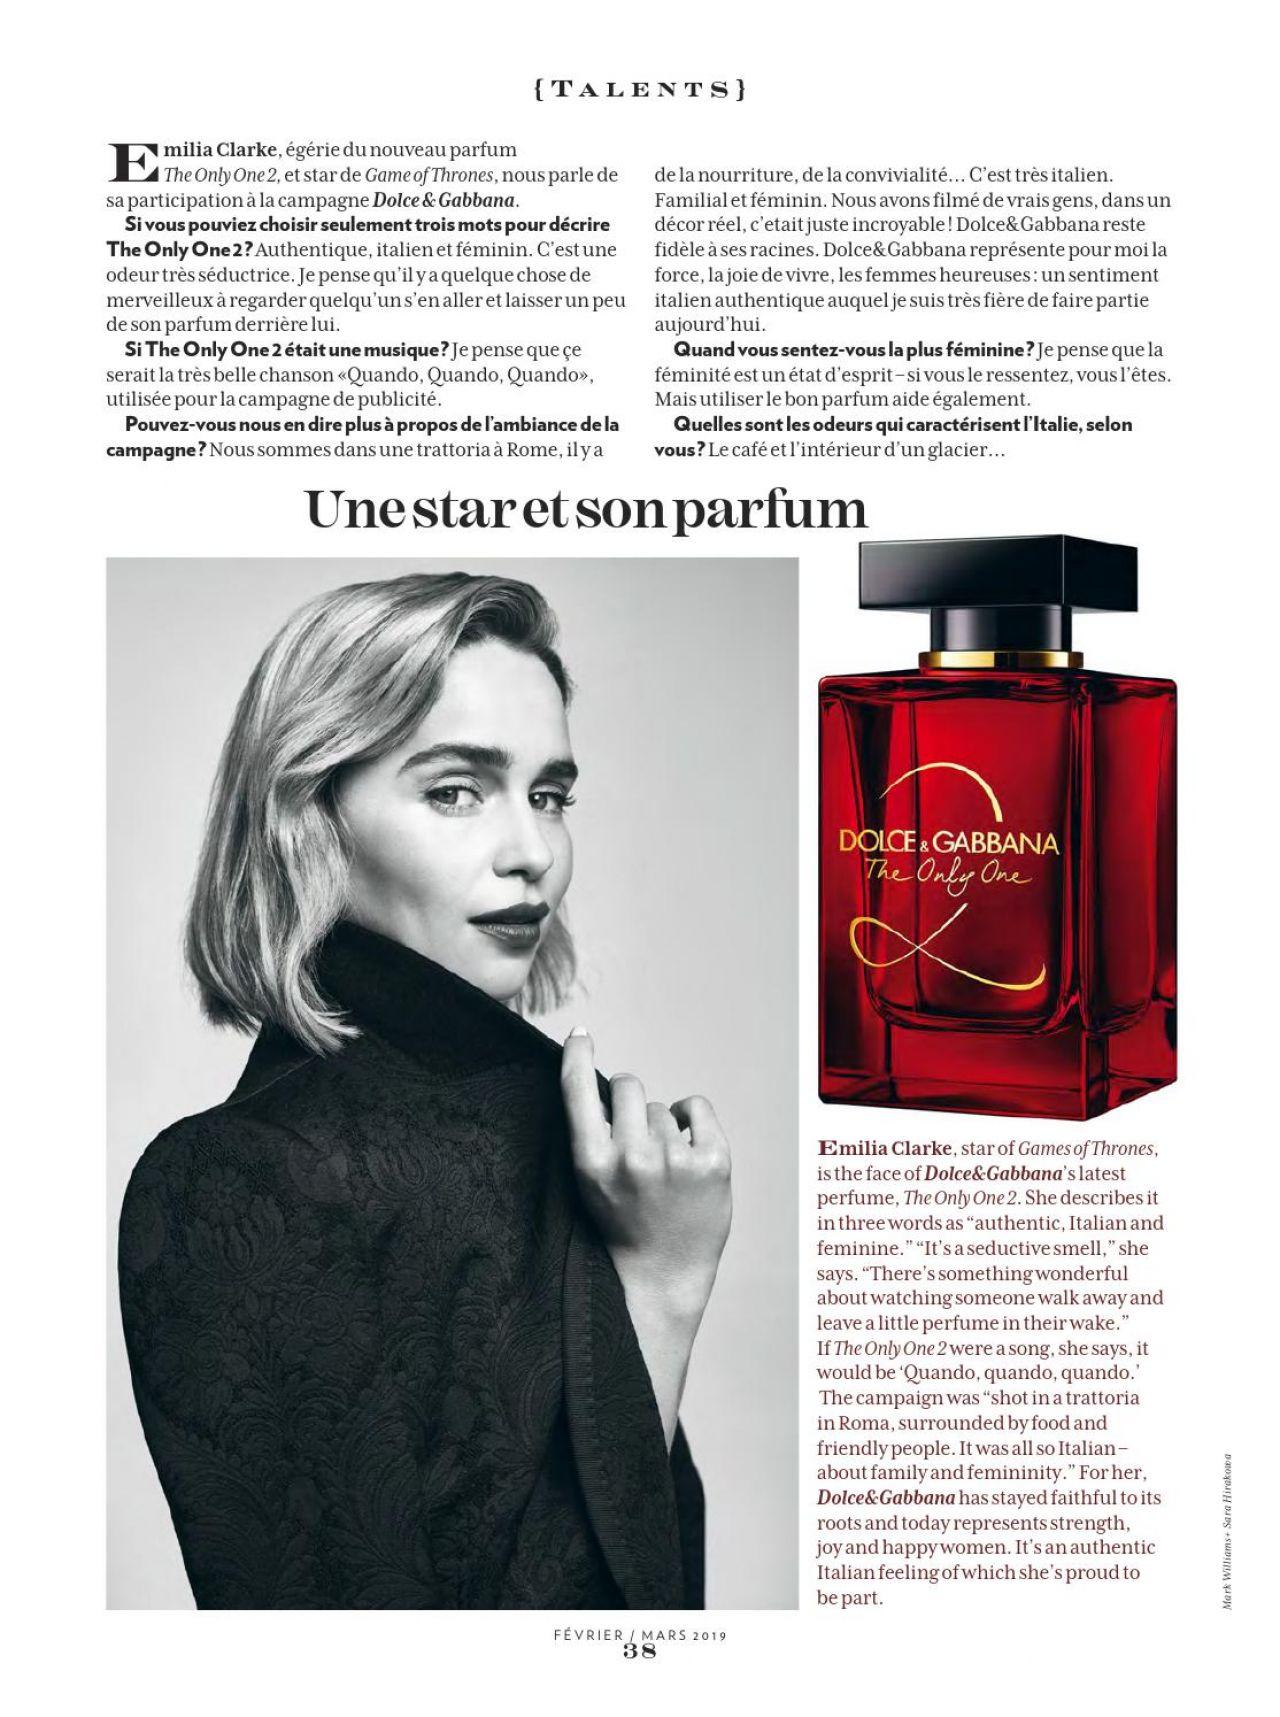 Emilia clarke parfum